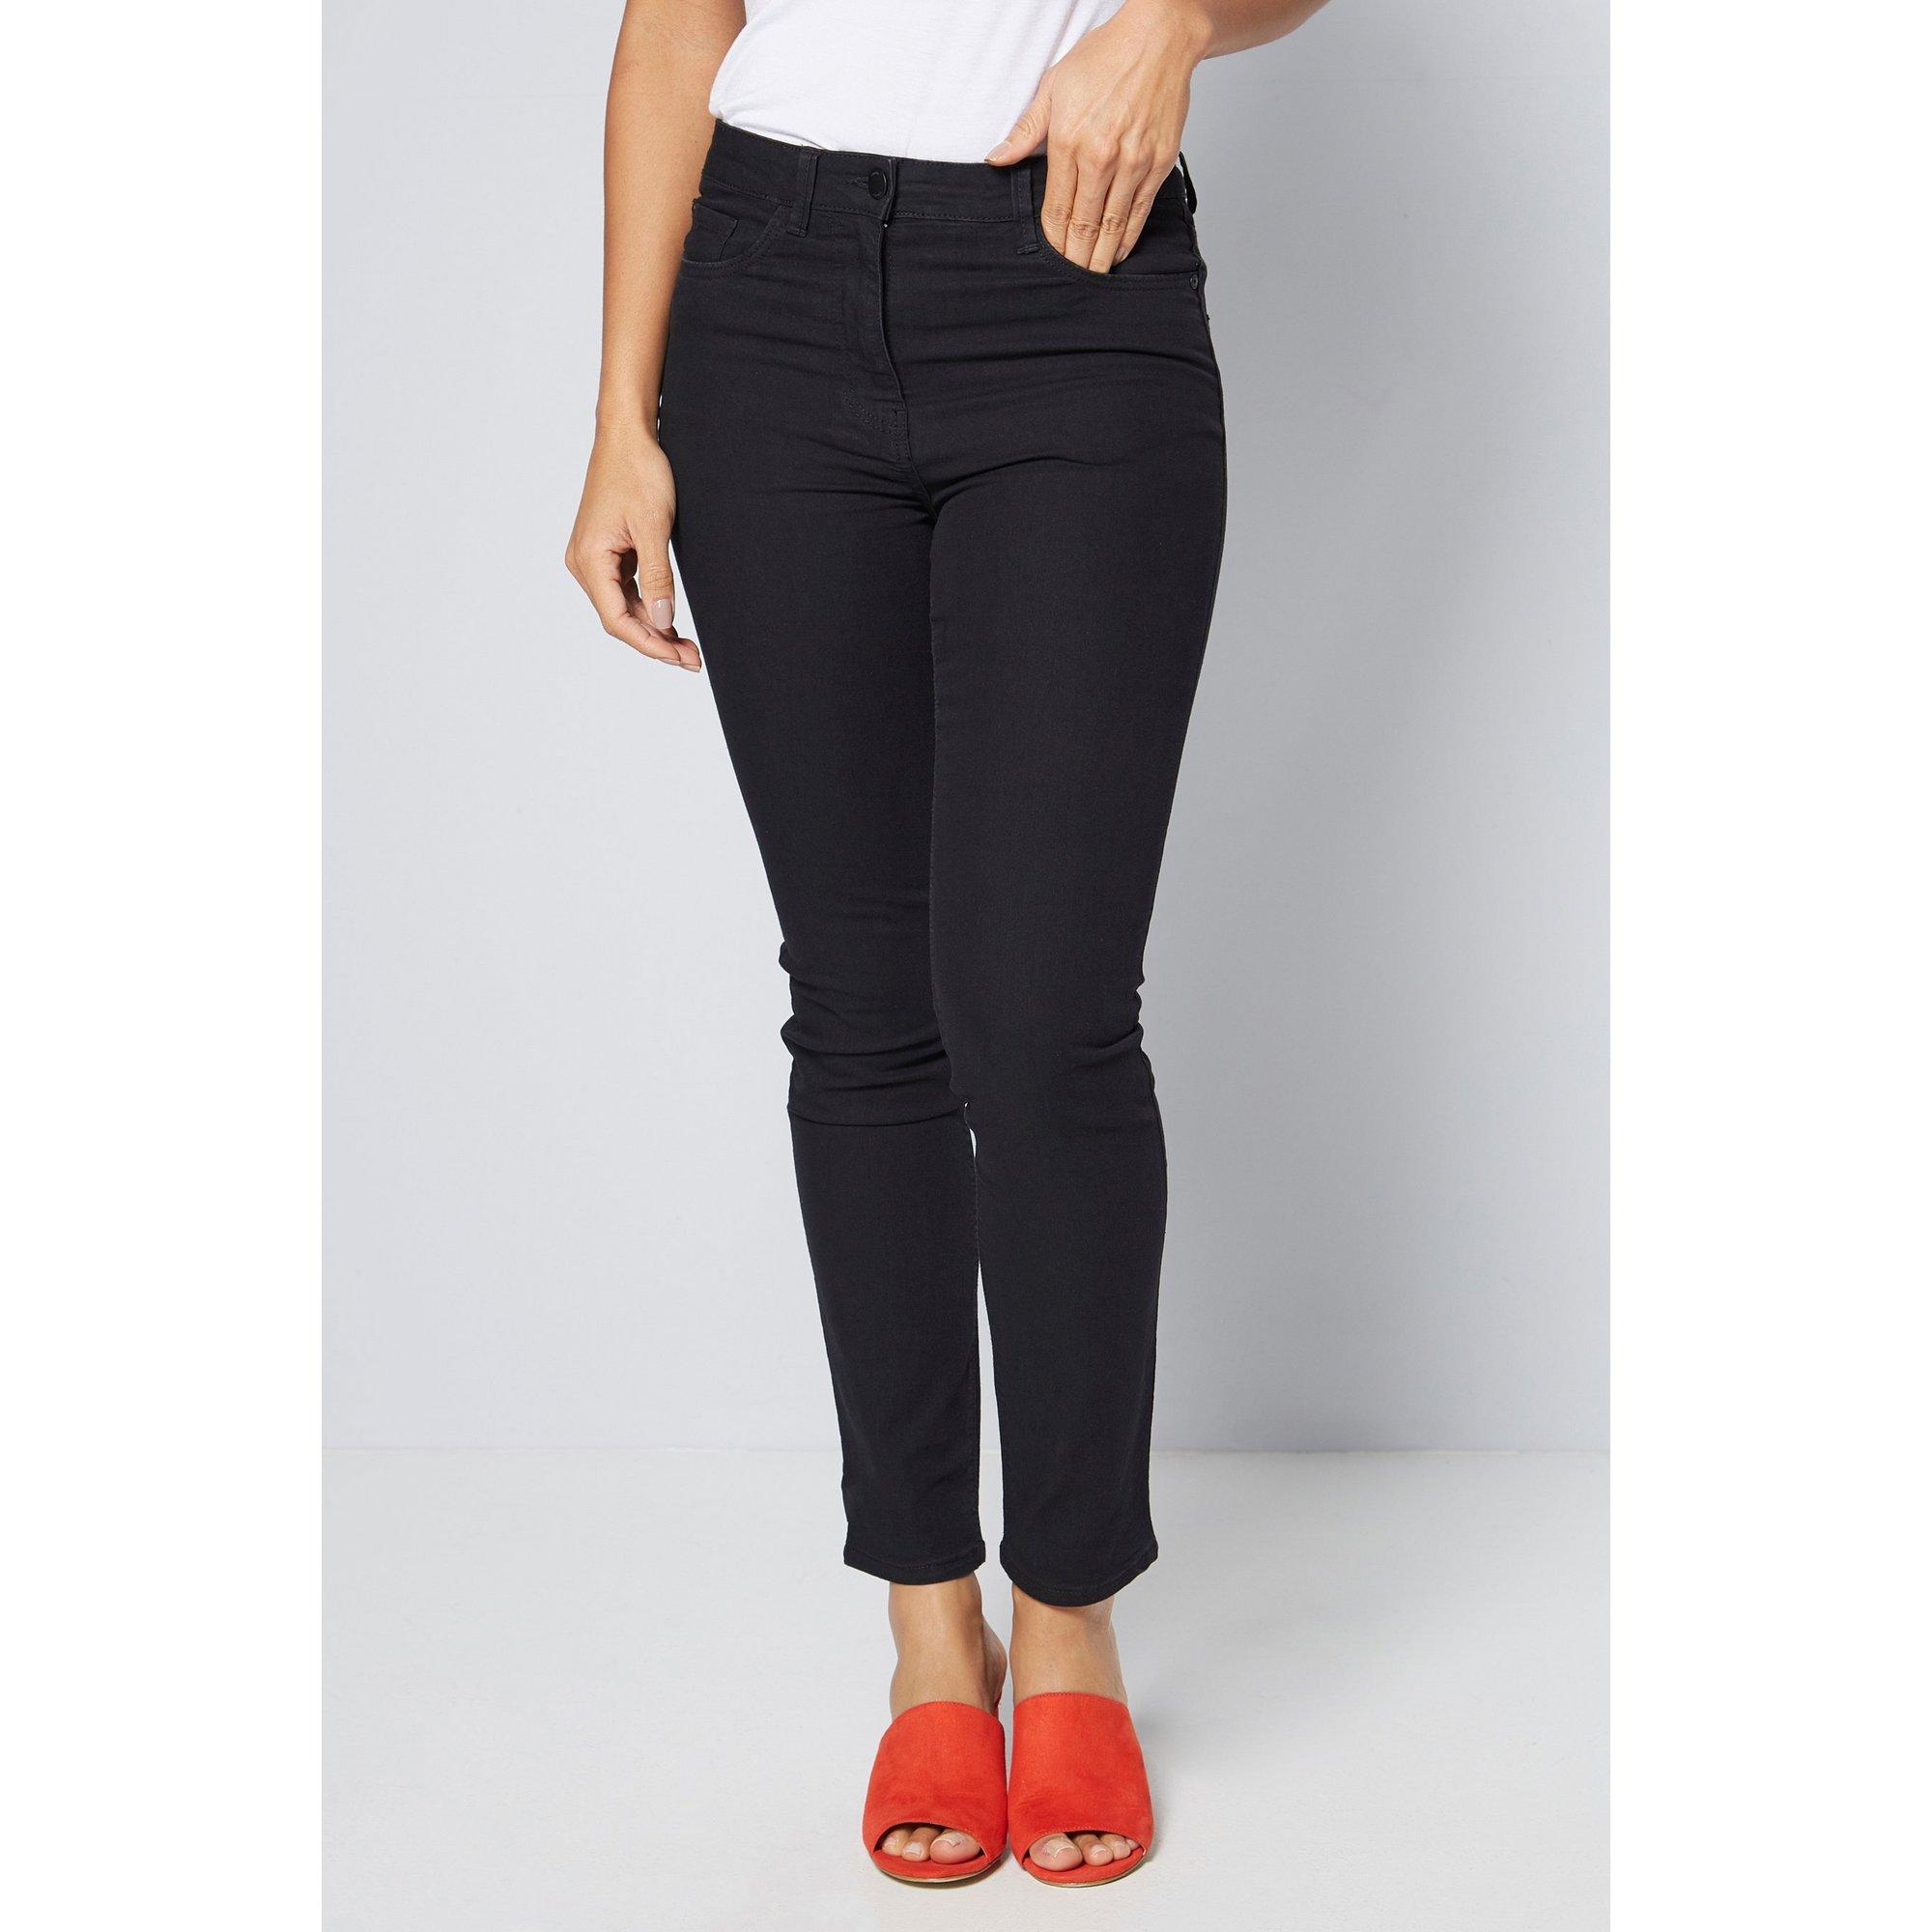 Image of Aimee Slim Fit Black Jeans